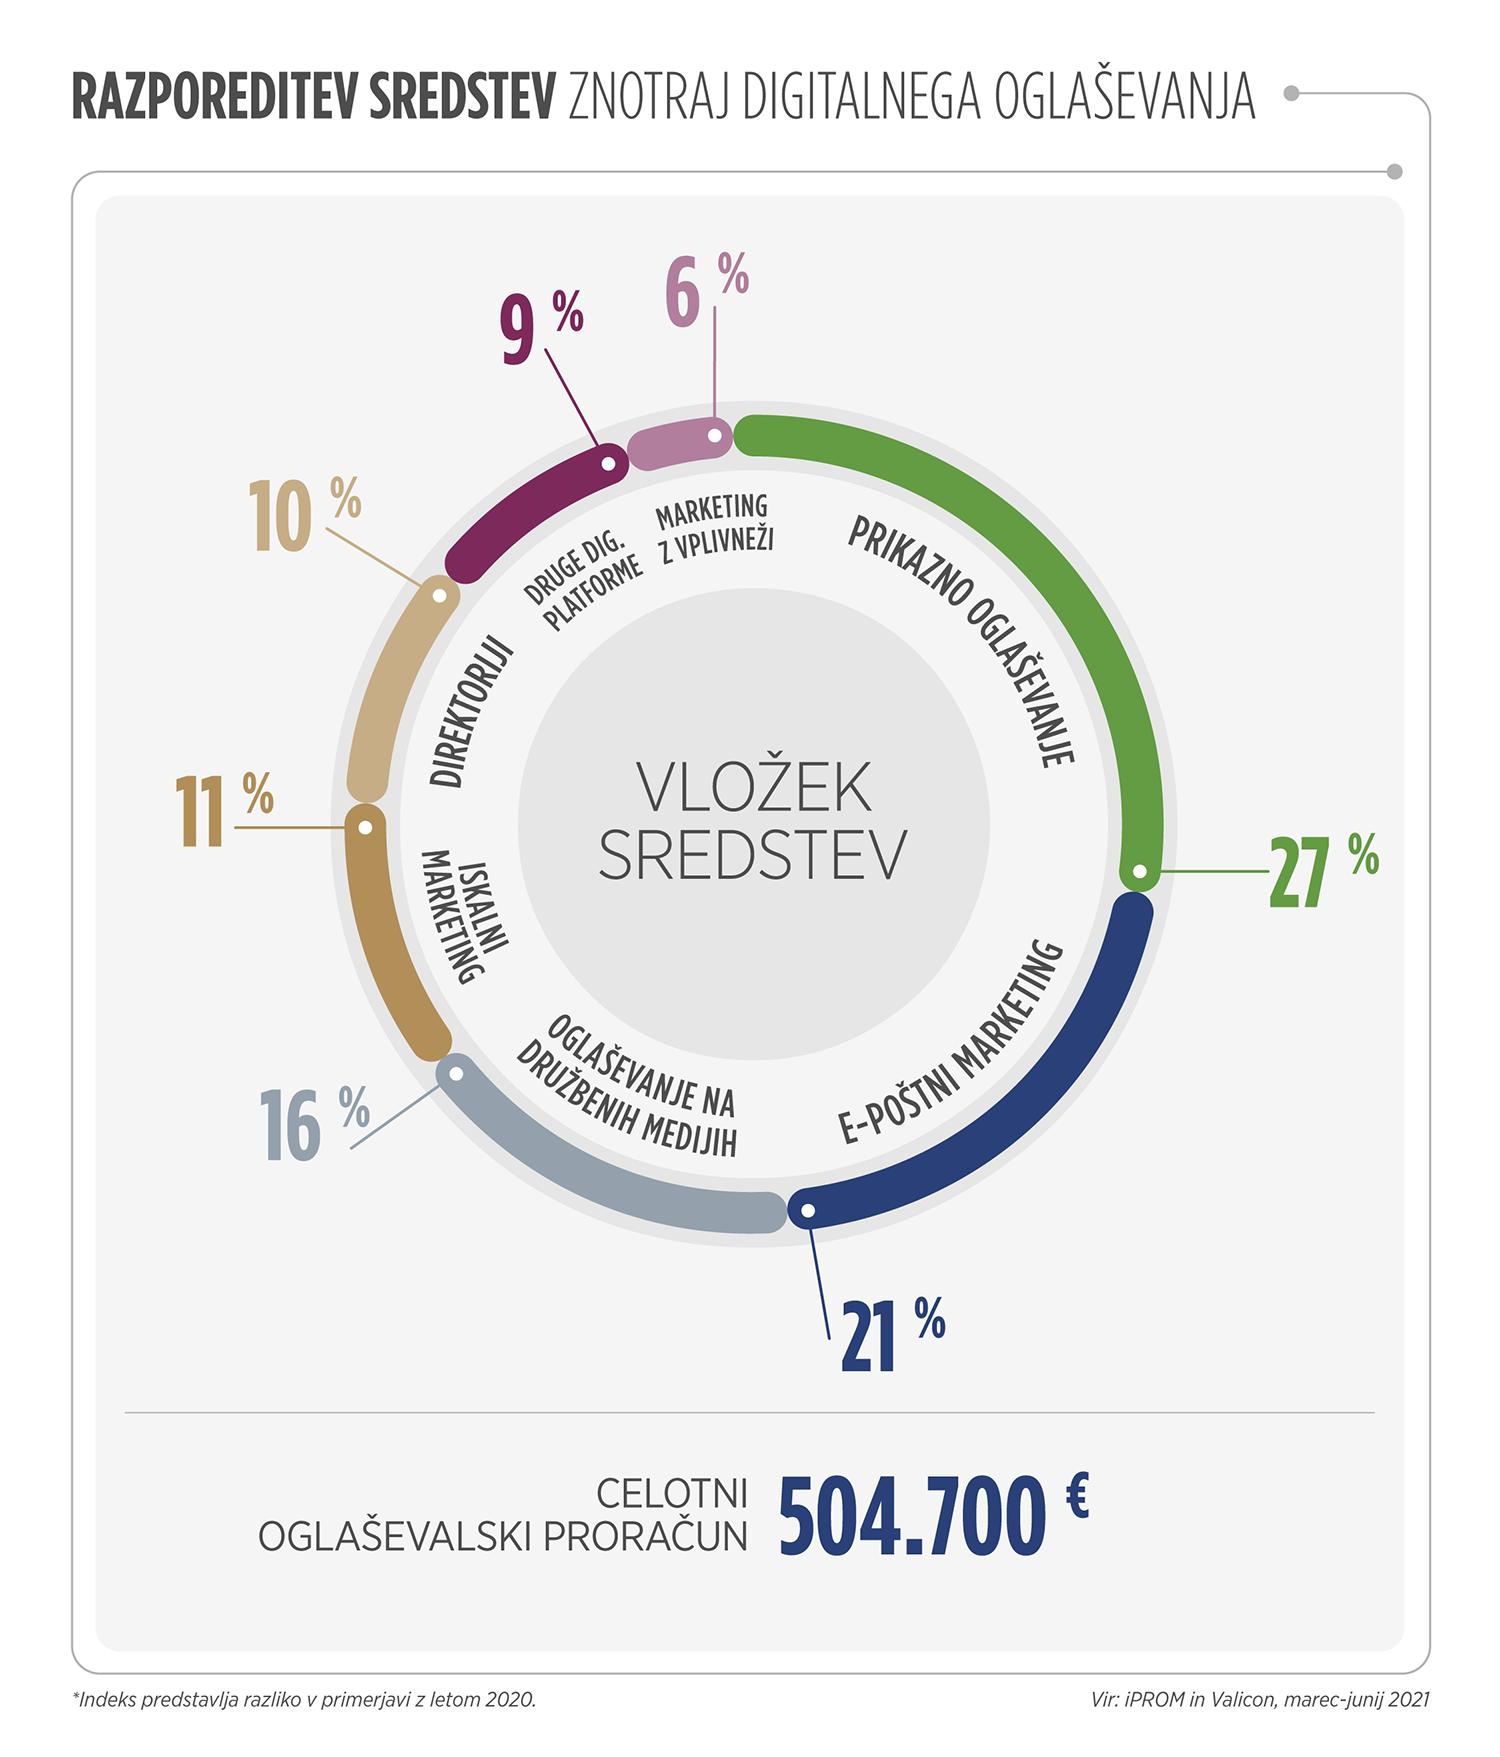 Razporeditev sredstev znotraj digitalnega oglaševanja - iPROM - Press